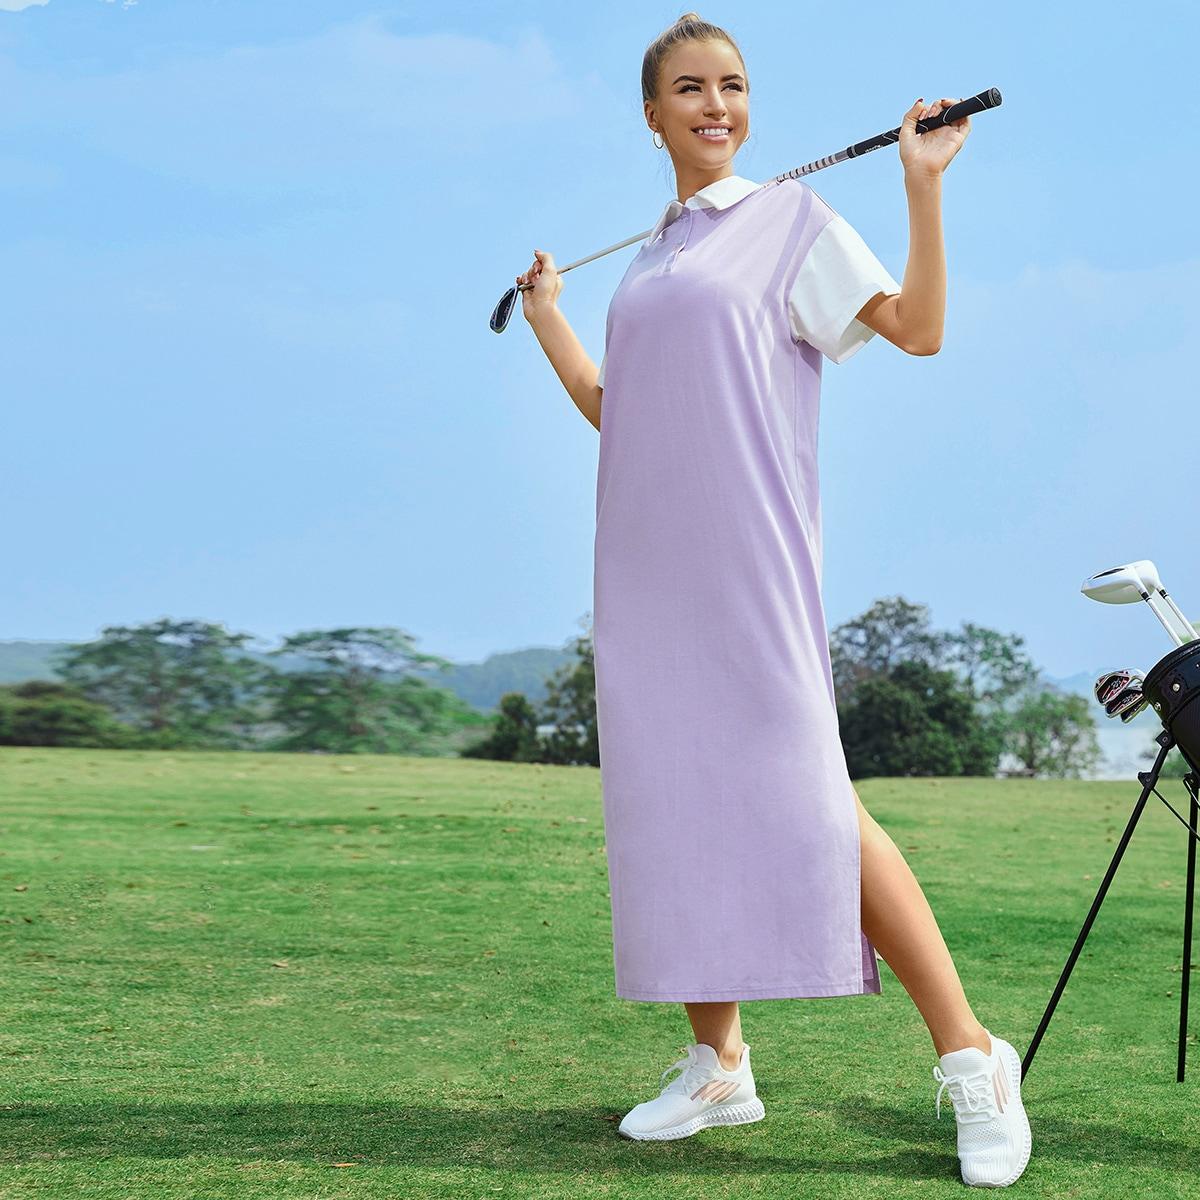 на пуговицах Контрастный цвет Спортивный Платье SheIn swdress25210408383